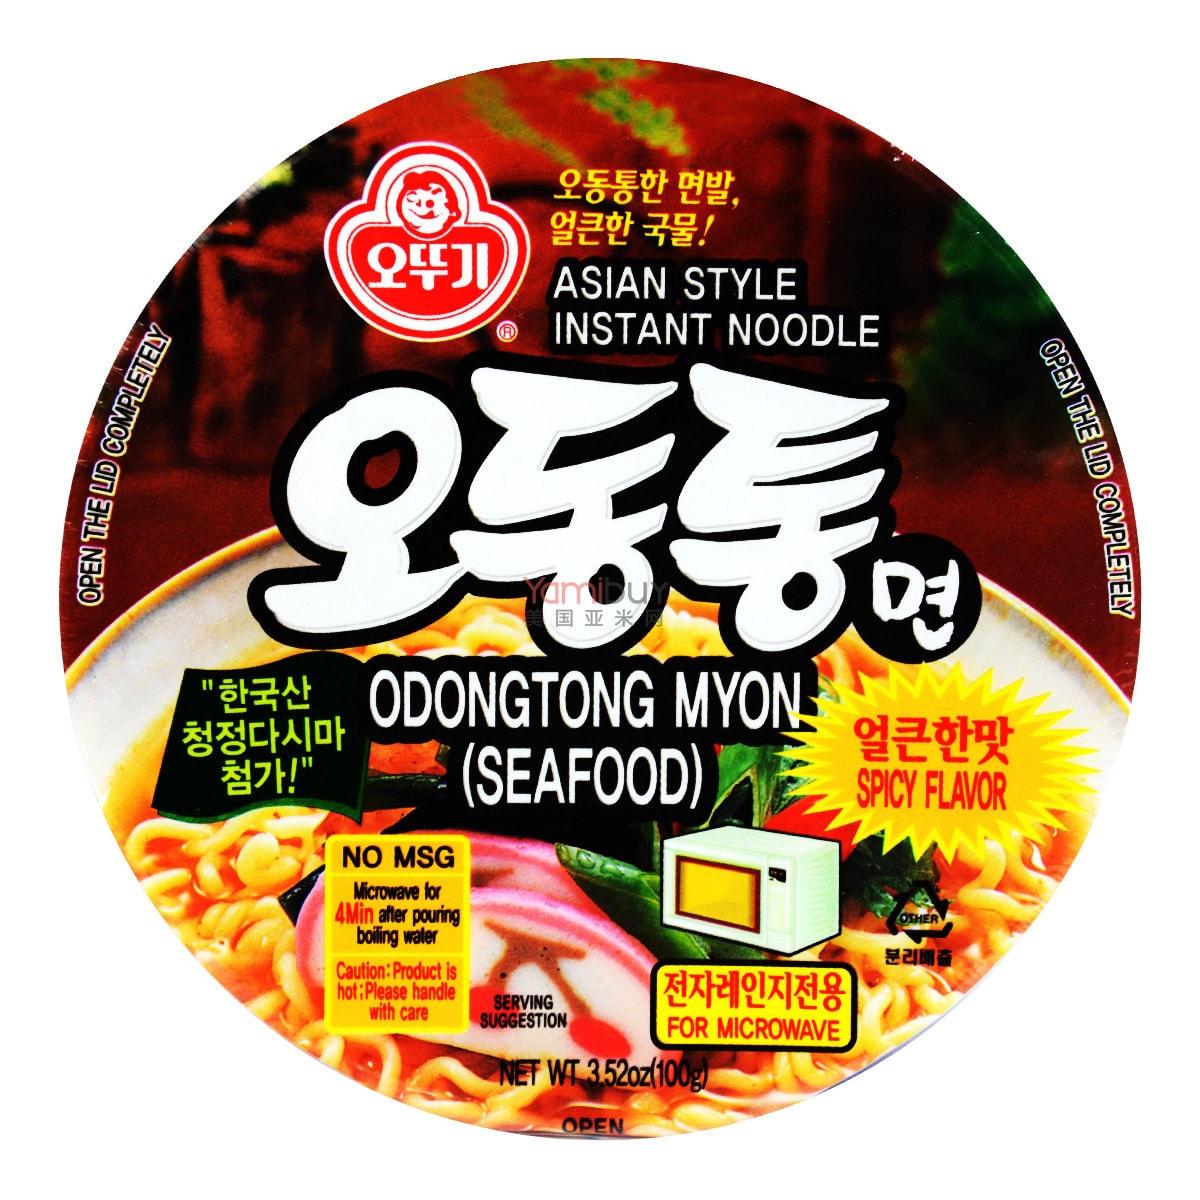 韩国OTTOGI不倒翁 海鲜乌冬汤味拉面 辣味 碗面 100g